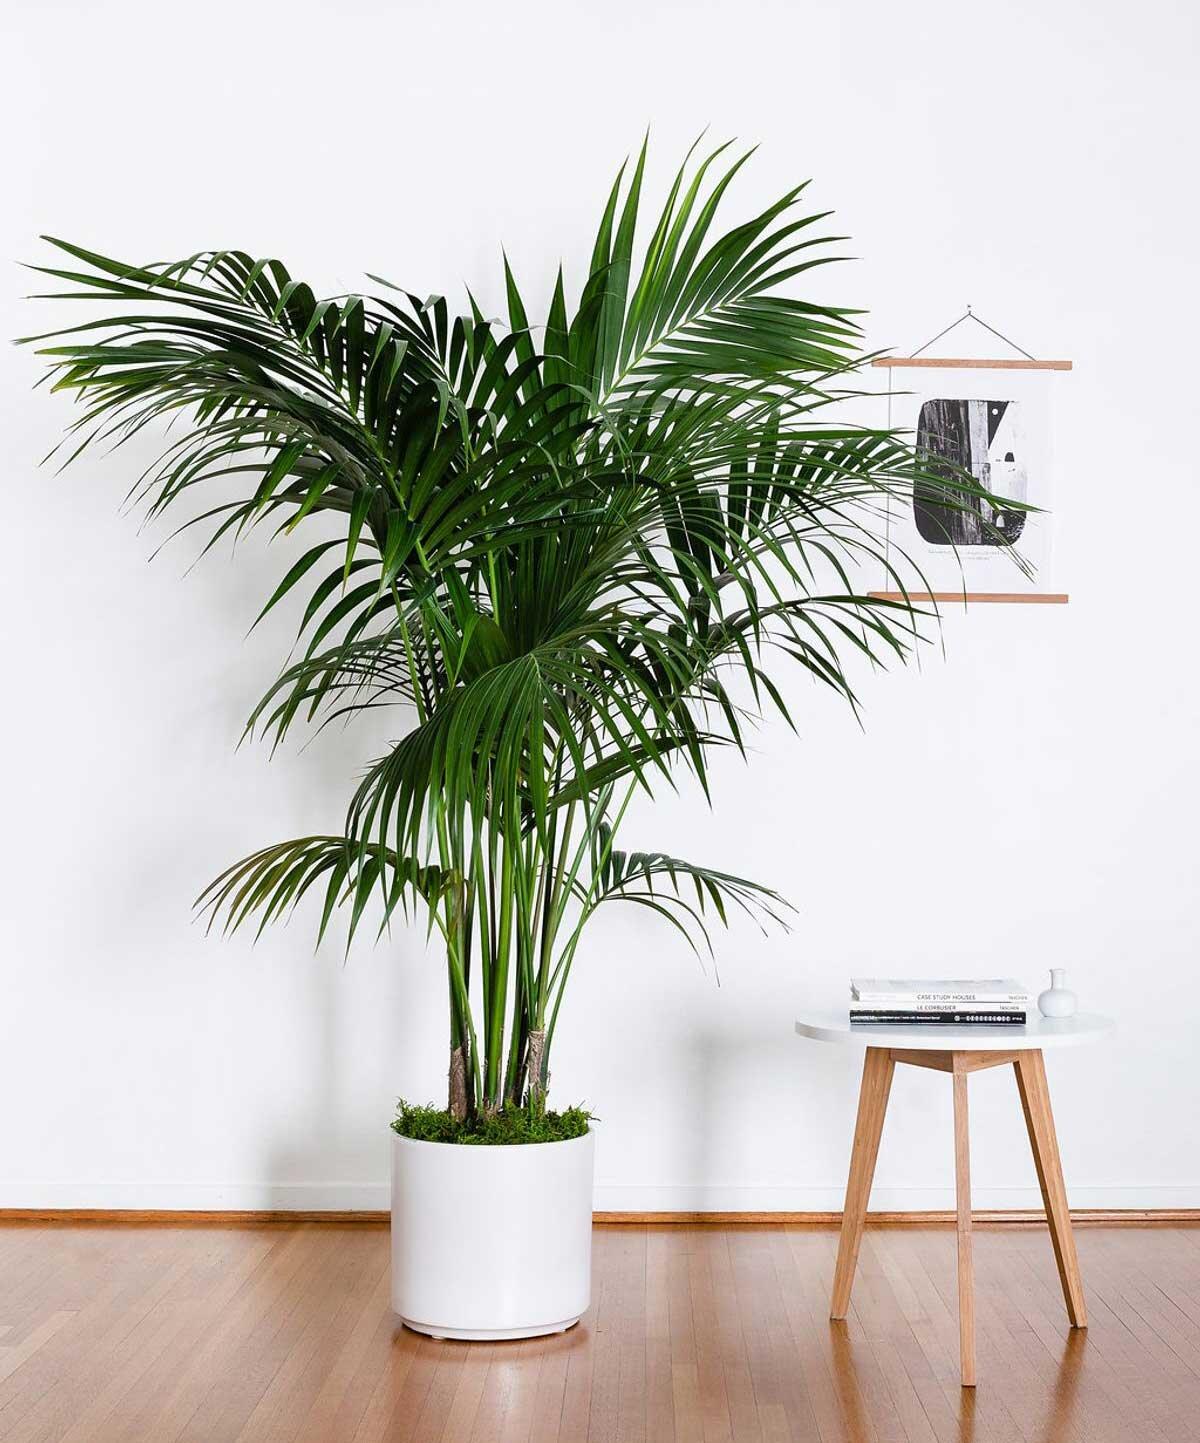 Plantes d'intérieur, en pot, livrées CHEZ VOUS. - Commandez sur leonandgeorge.fr.Plantes XL, L, Tabletops, Mini